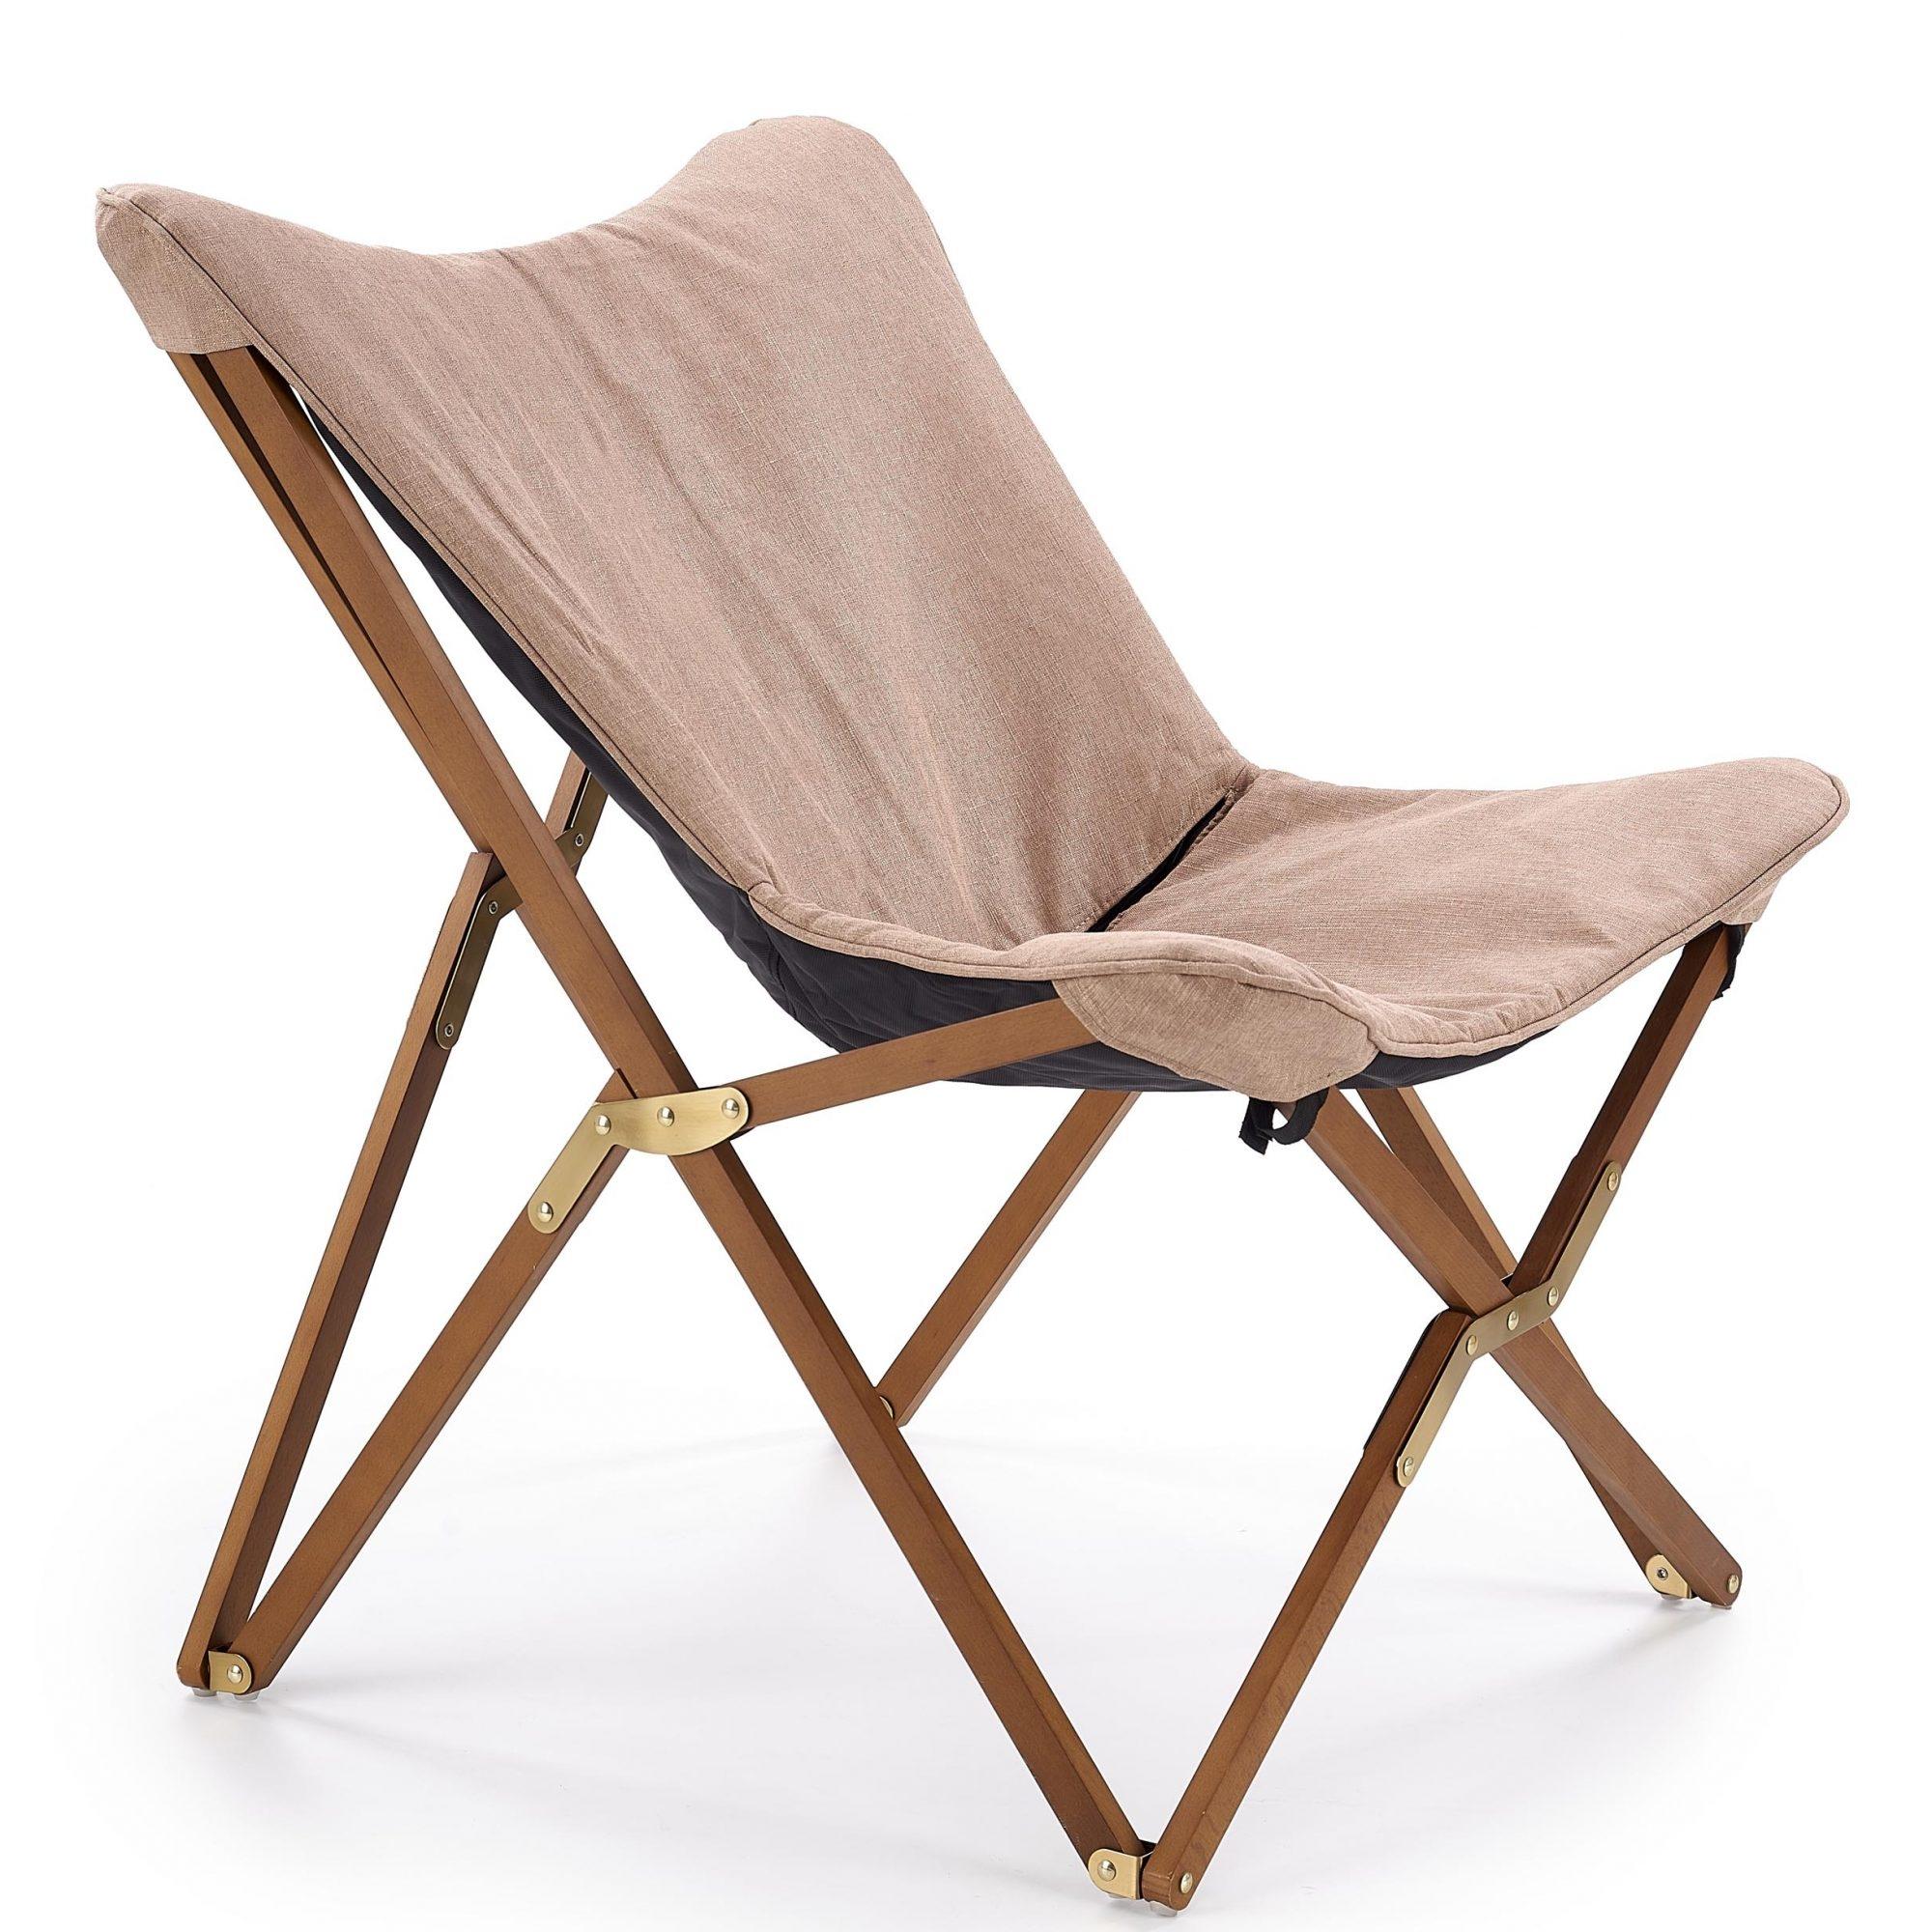 Scaun pliabil din lemn si stofa Volant Beige / Walnut, l76xA83xH97 cm